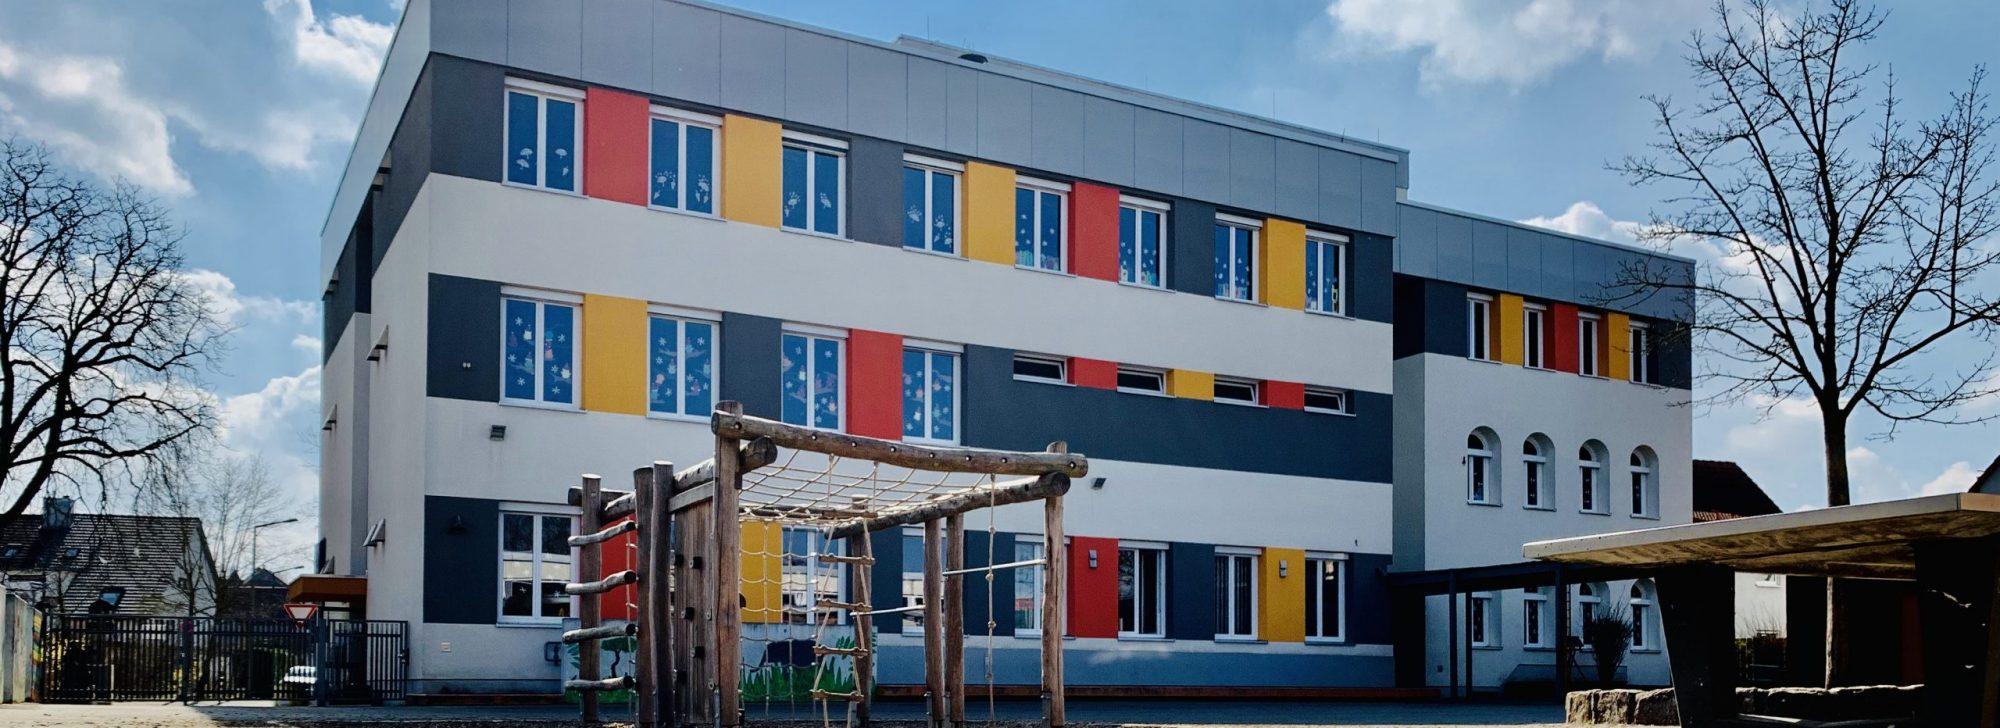 Grundschule Laufamholz